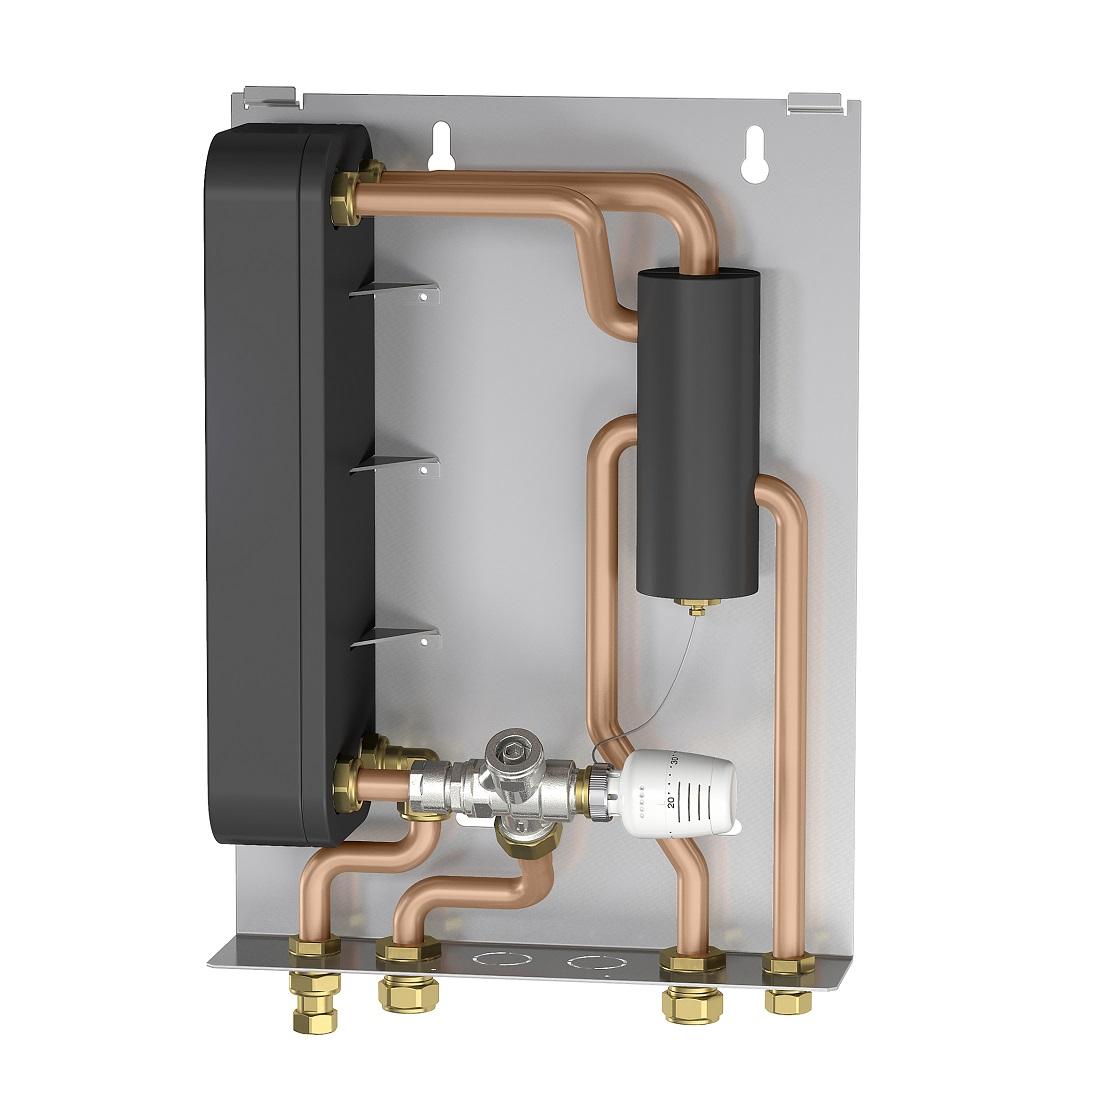 Preparatori acqua calda sanitaria archivi gt il for Connessioni idrauliche di acqua calda sanitaria